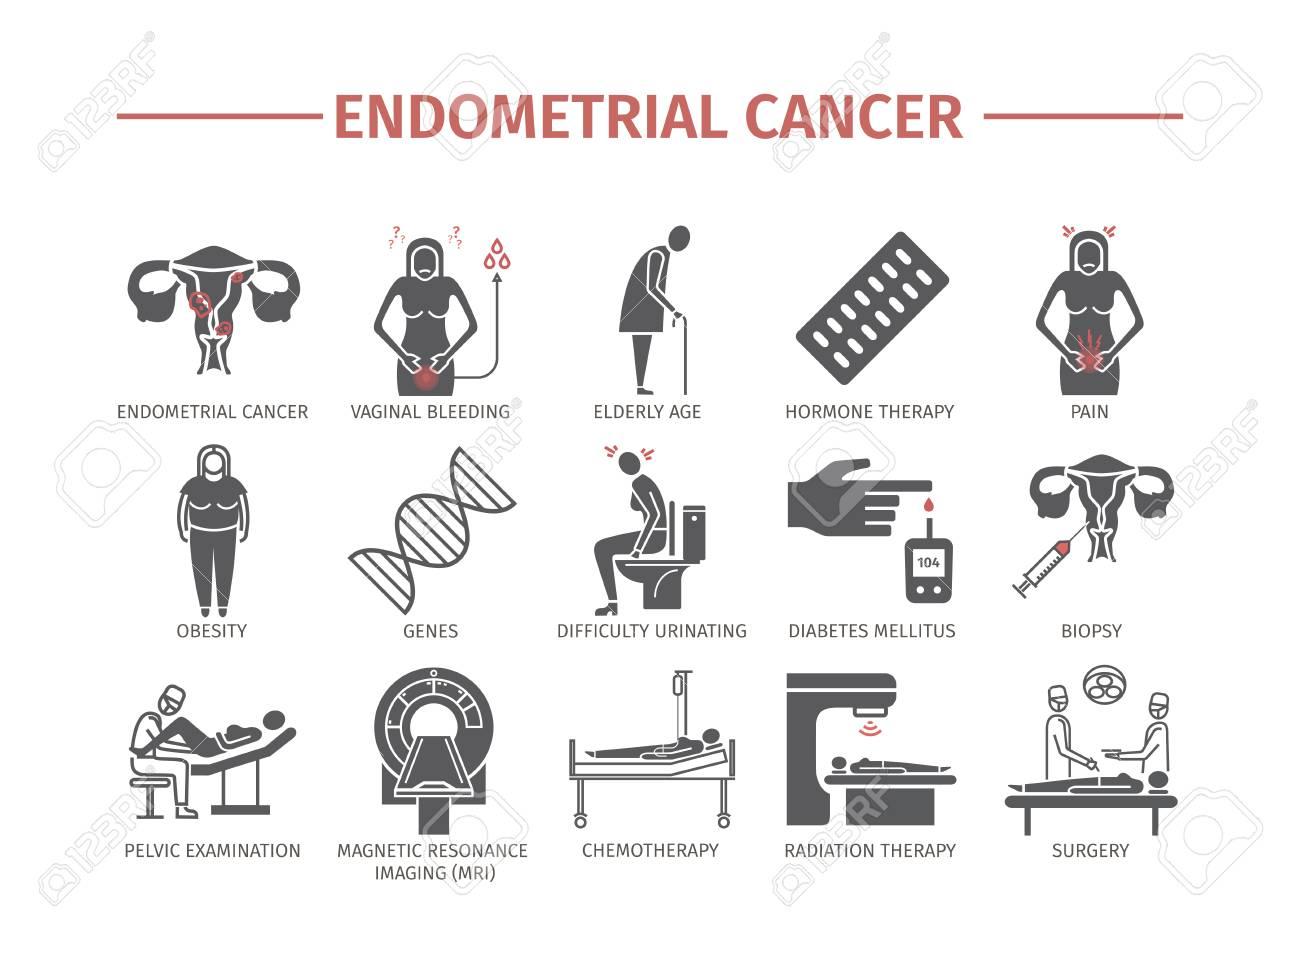 Cancer endometrial, Endometrial cancer radiation therapy, Endometrial cancer radiation therapy